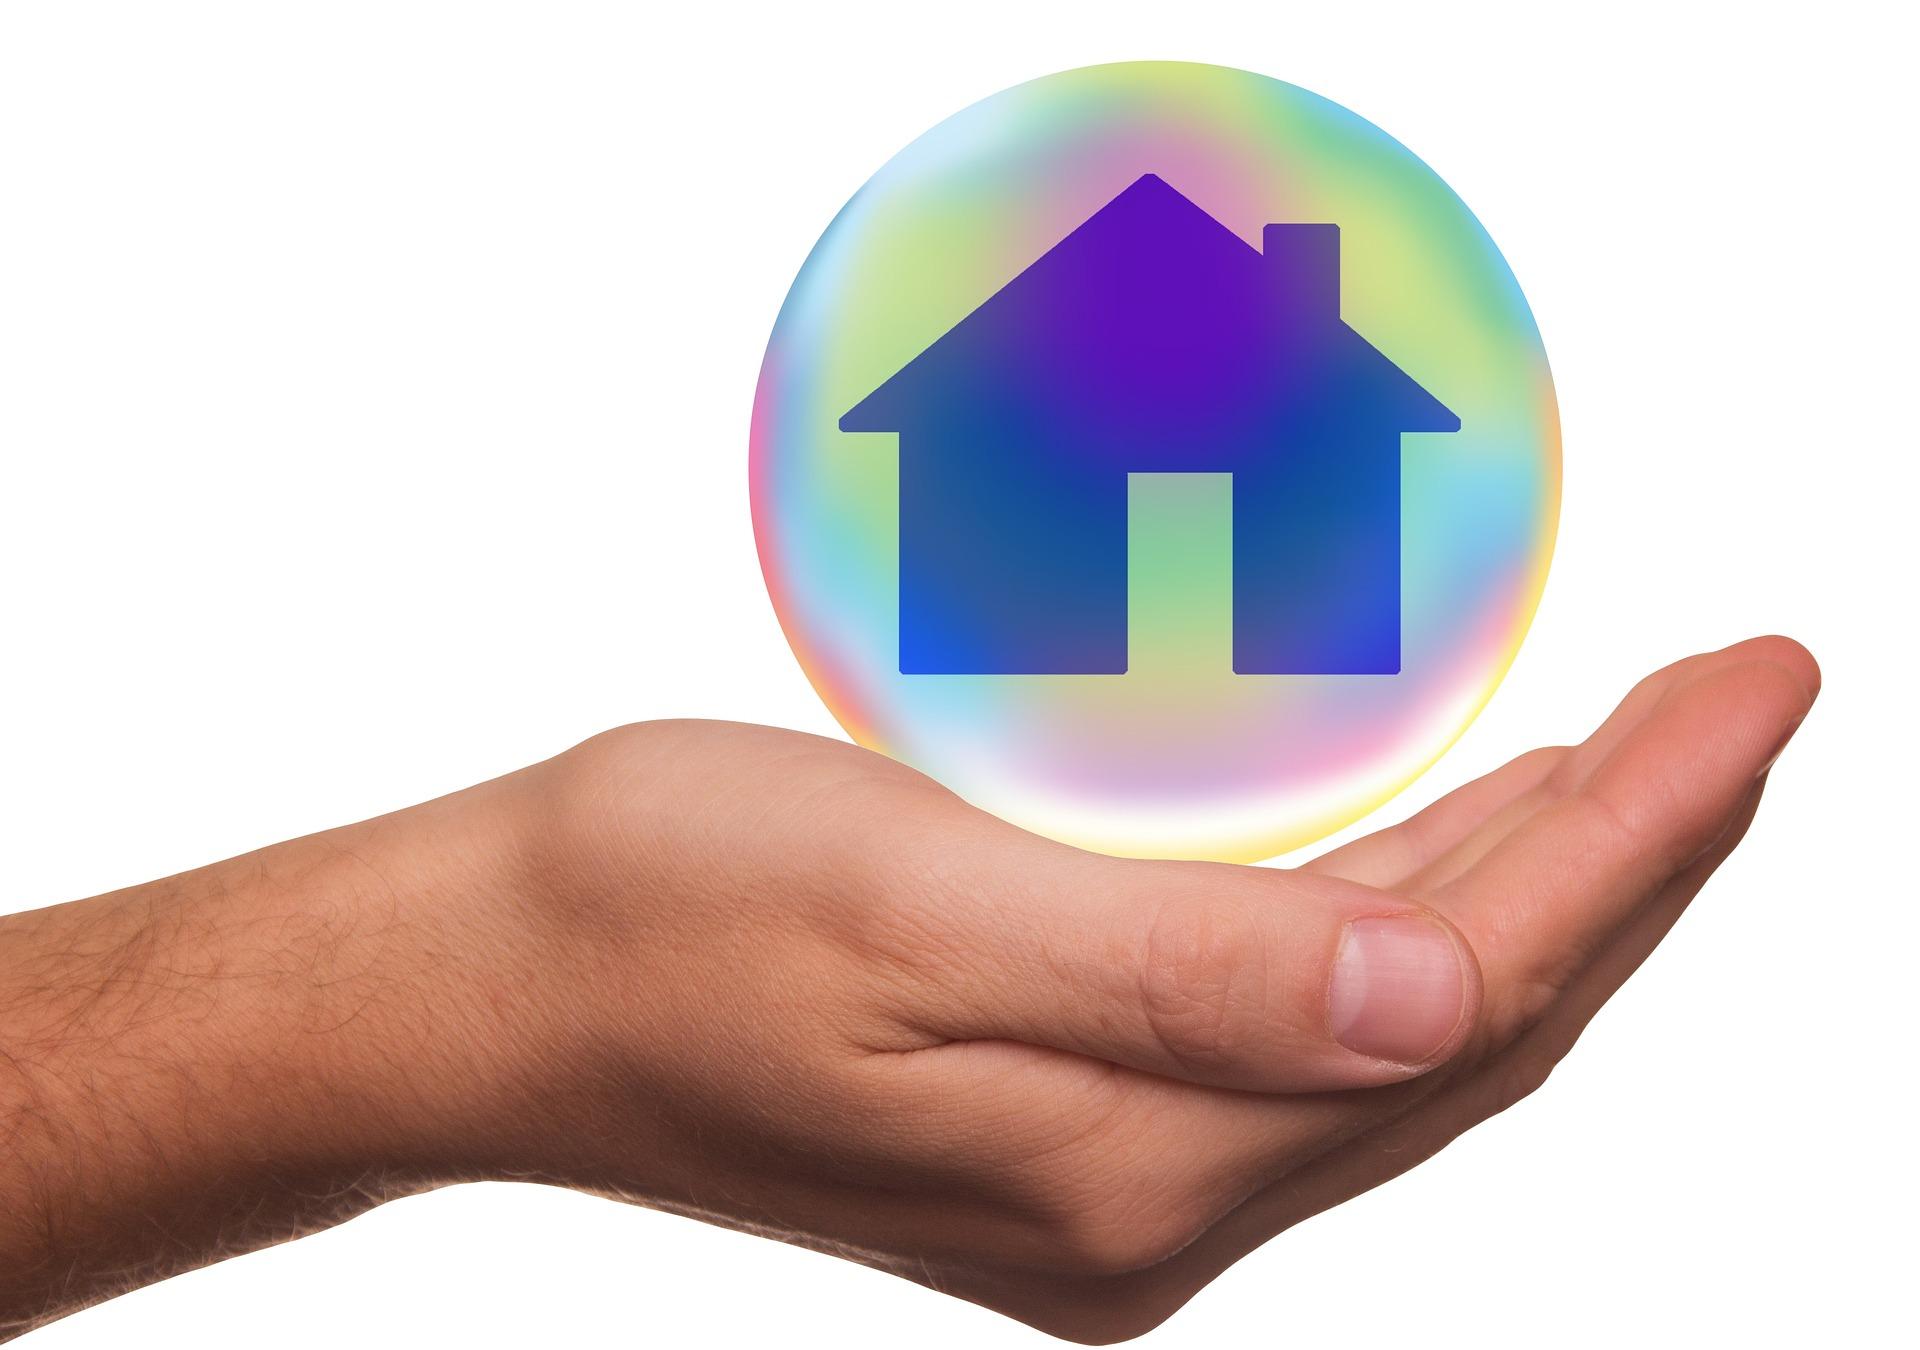 Comment faire en cas d'assurance habitation résiliée pour non paiement ? - Assurance habitation